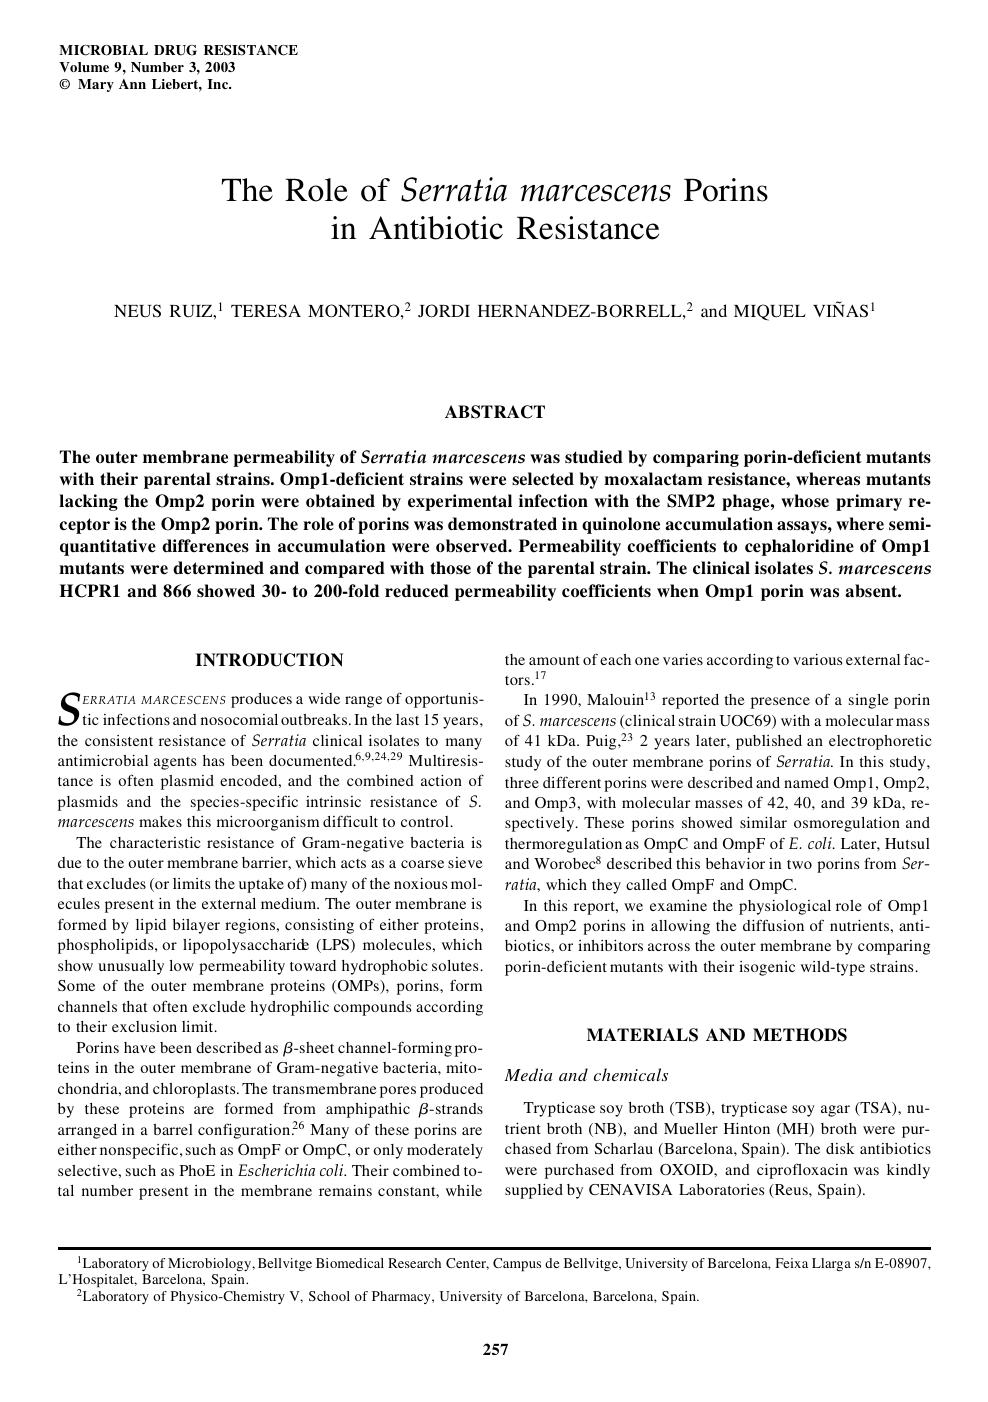 The Role of Serratia marcescens Porins in Antibiotic